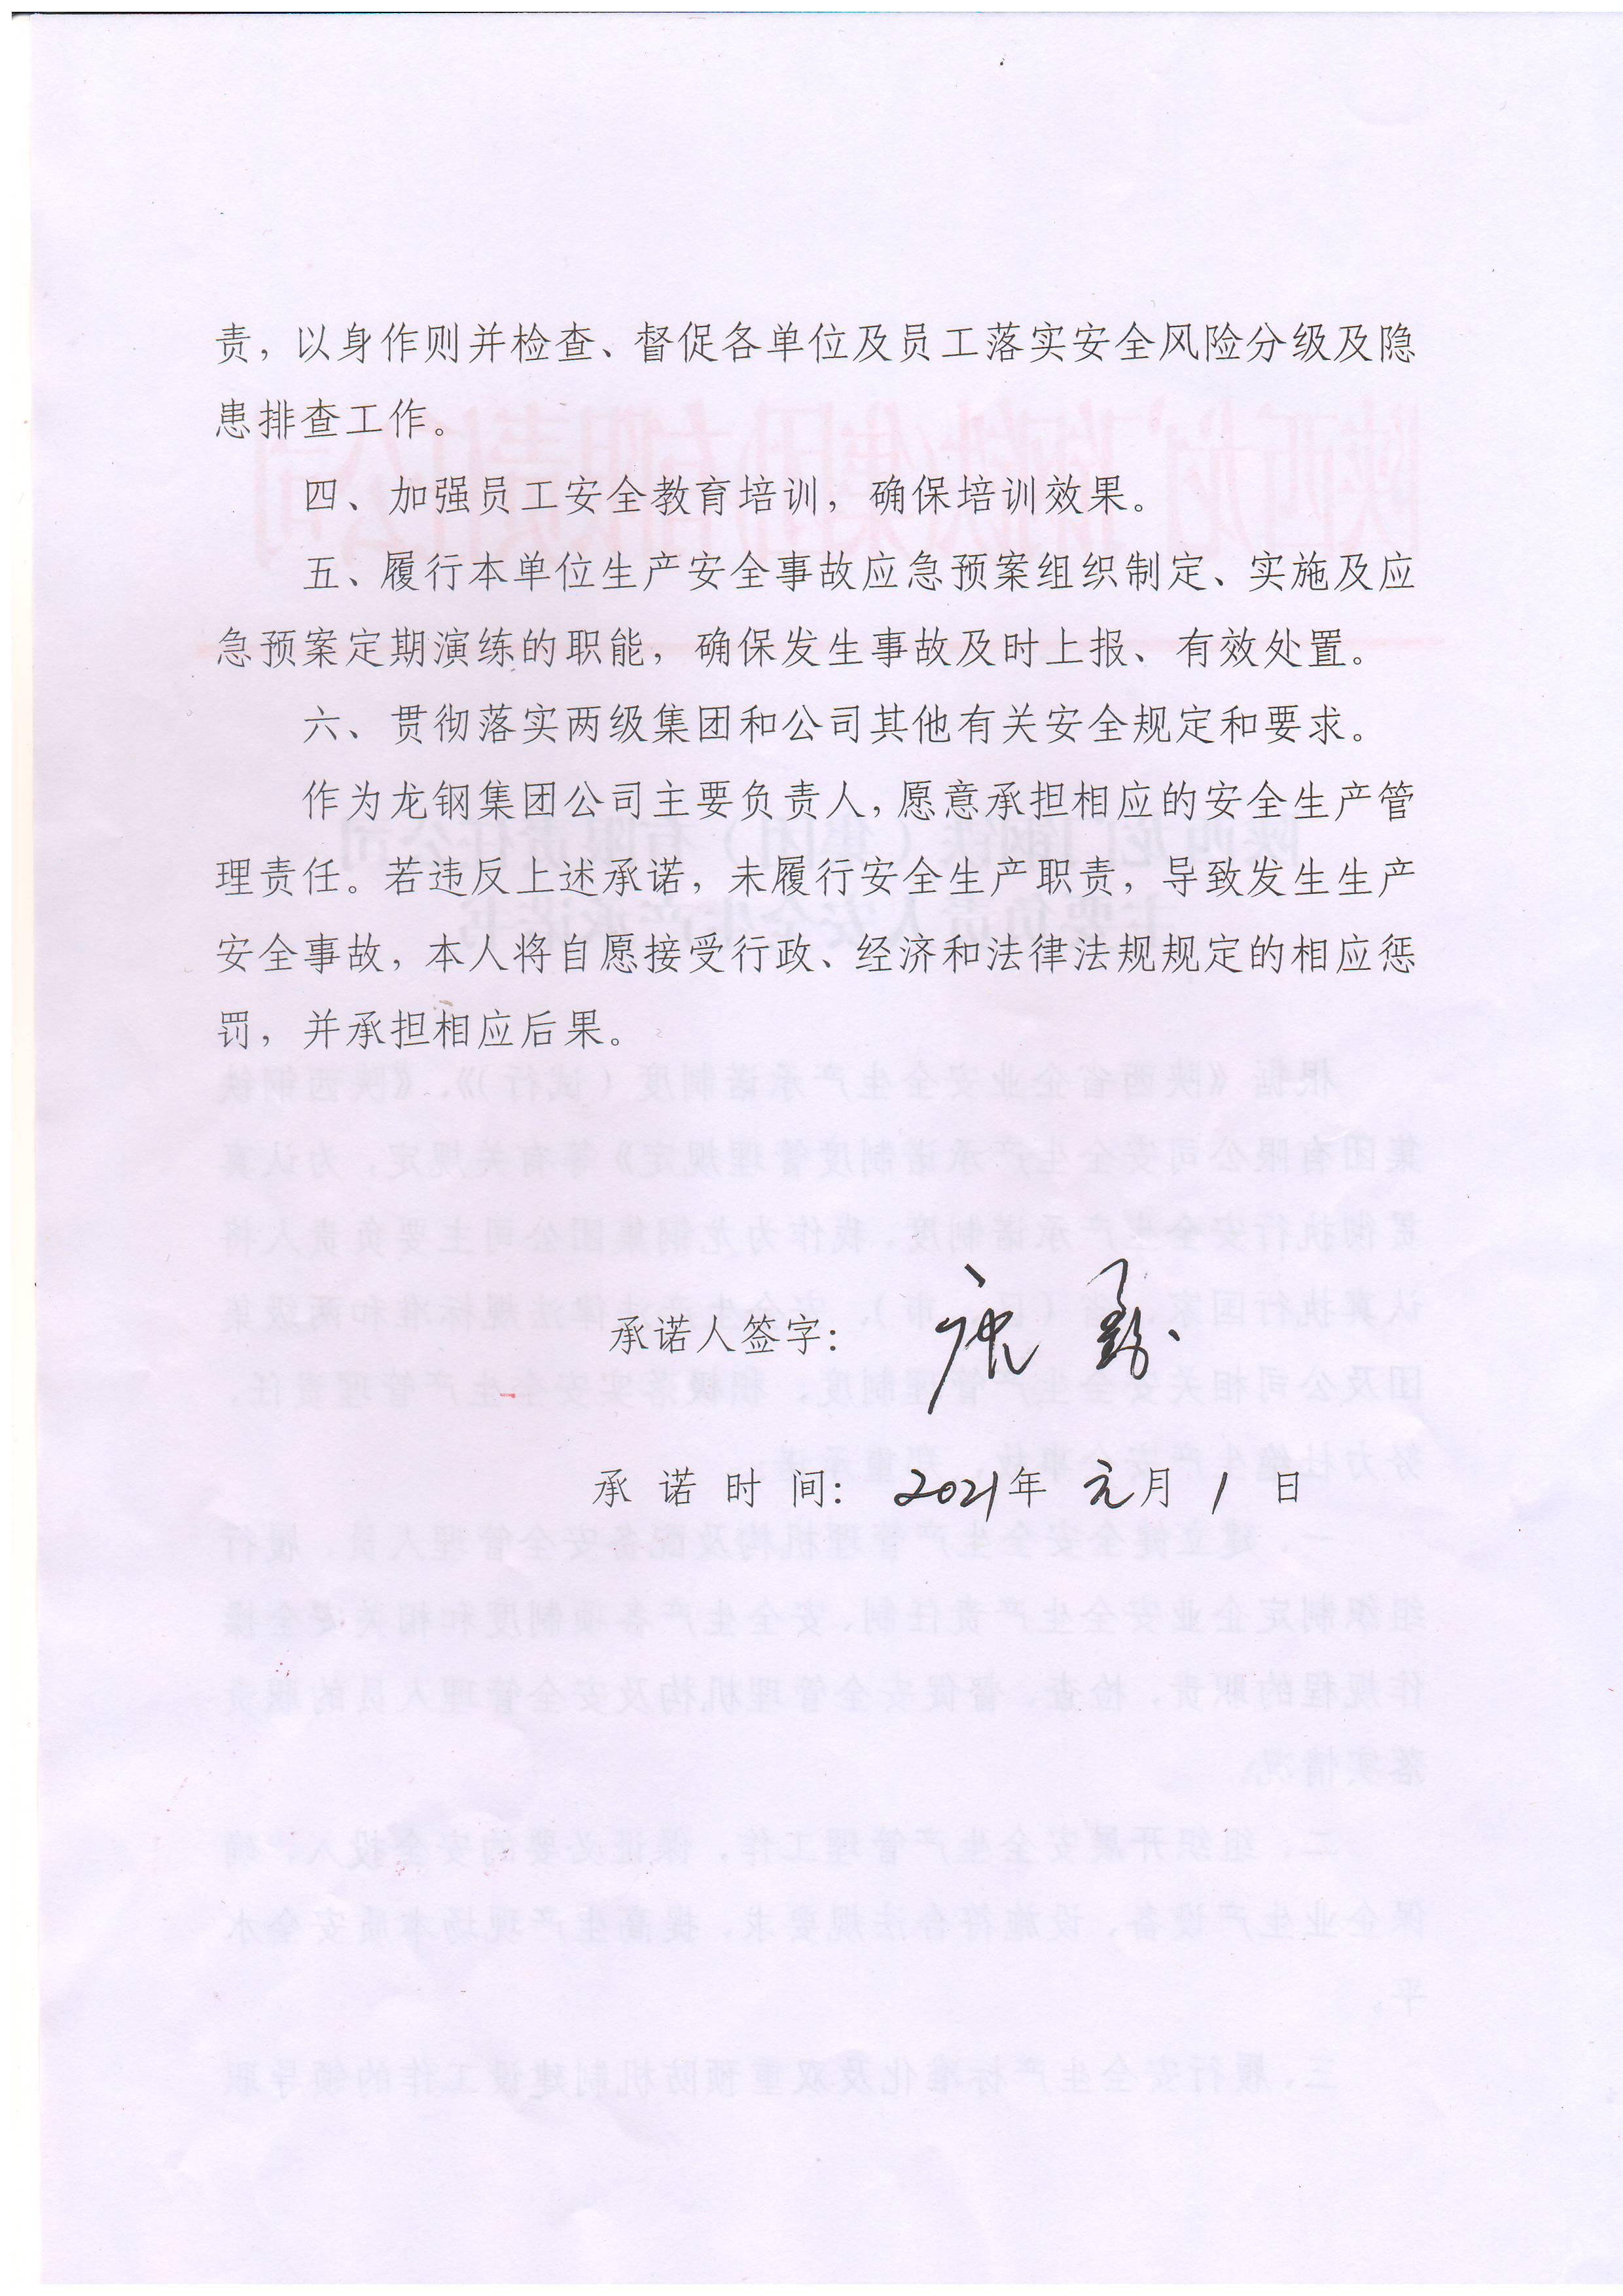 陕西龙门钢铁(天天直播足球)有限责任公司主要负责人安全生产承诺书